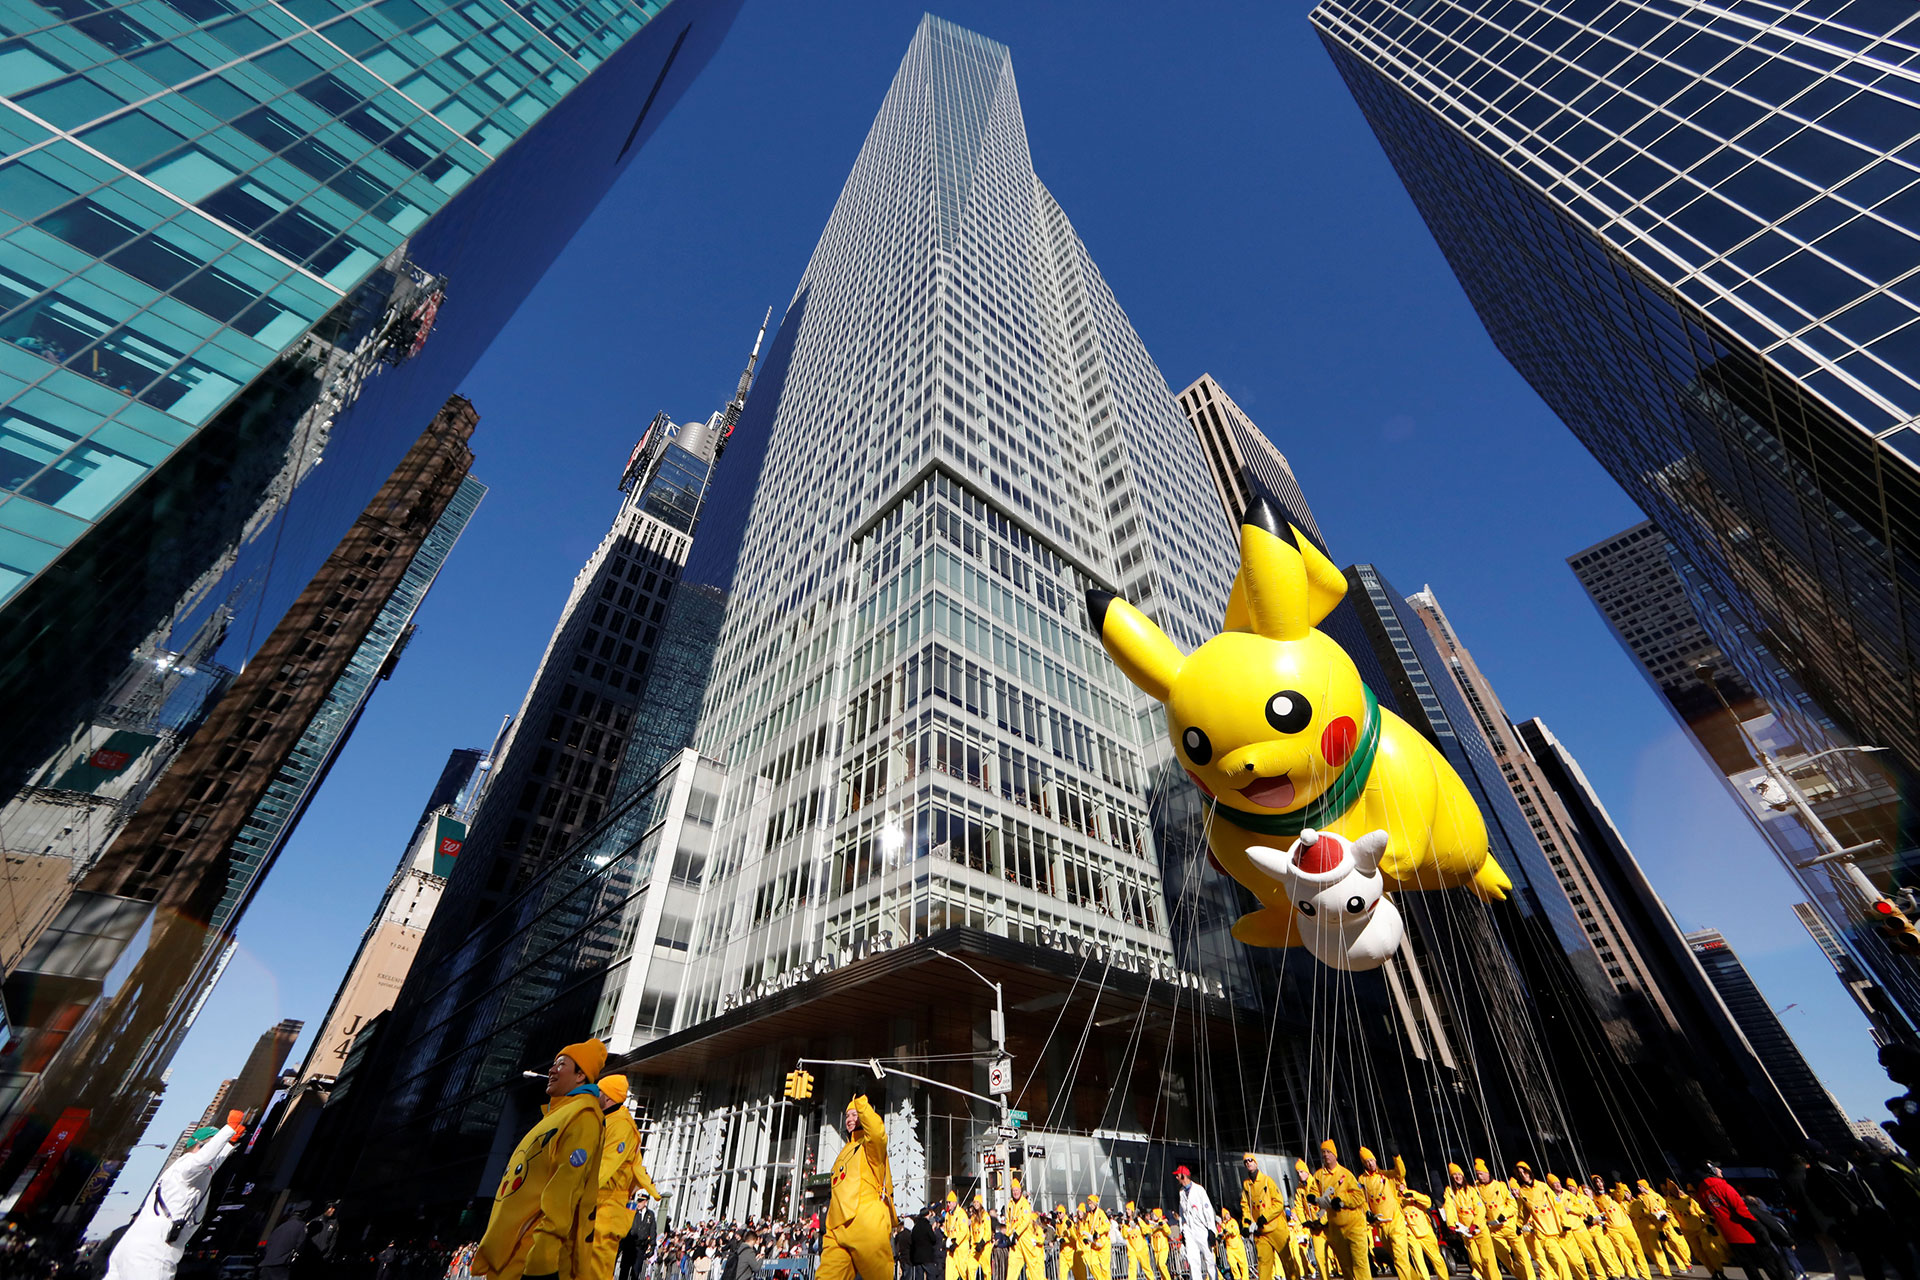 El globo de Pikachu por la Sexta Avenida de Nueva York. (Reuters)